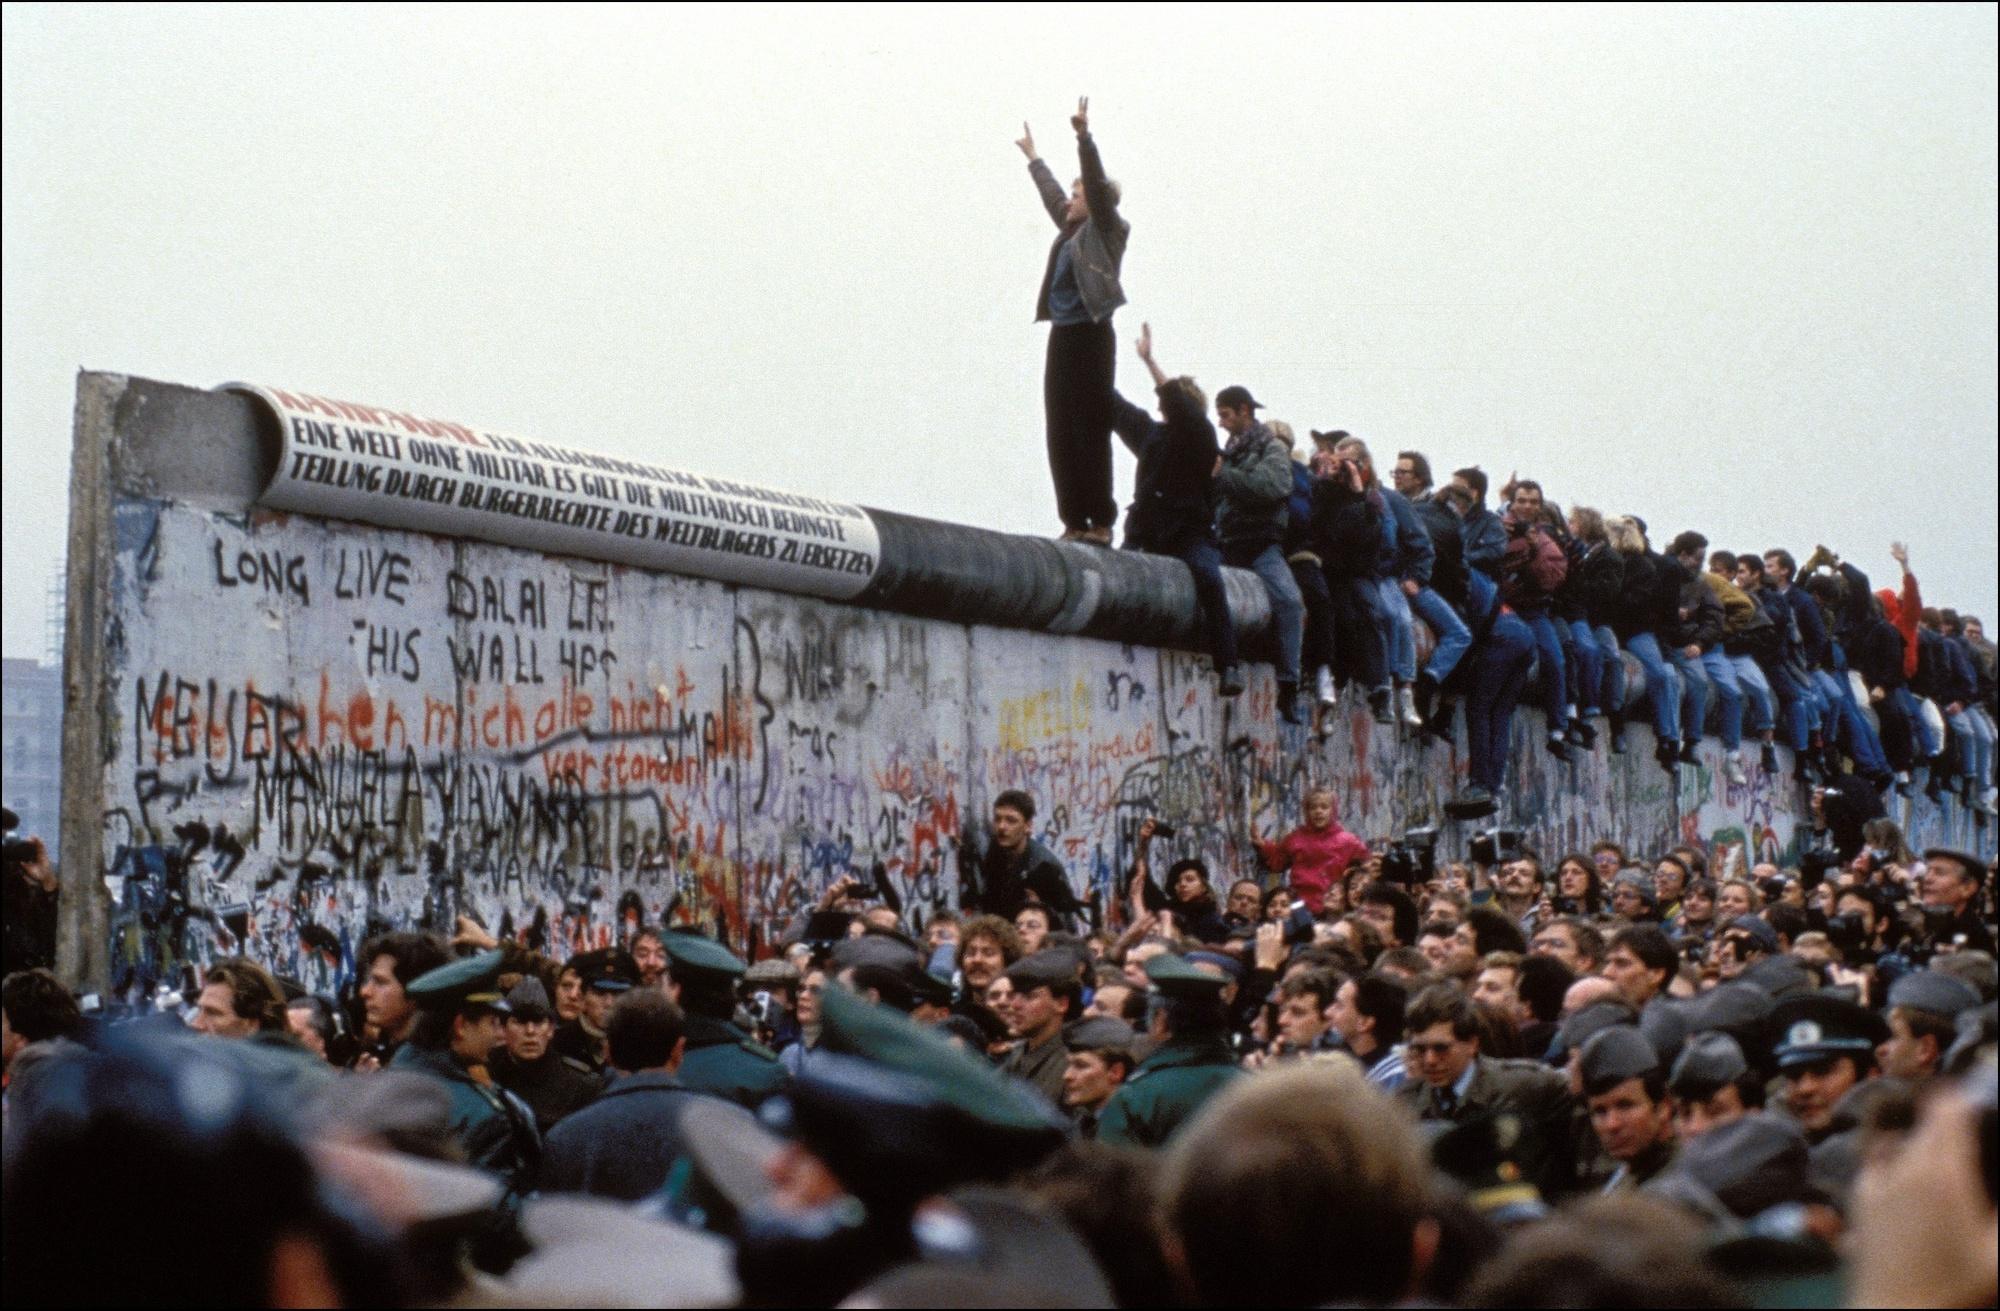 Anniversari, 9 novembre 1989, 30 anni fa cadeva il muro di Berlino